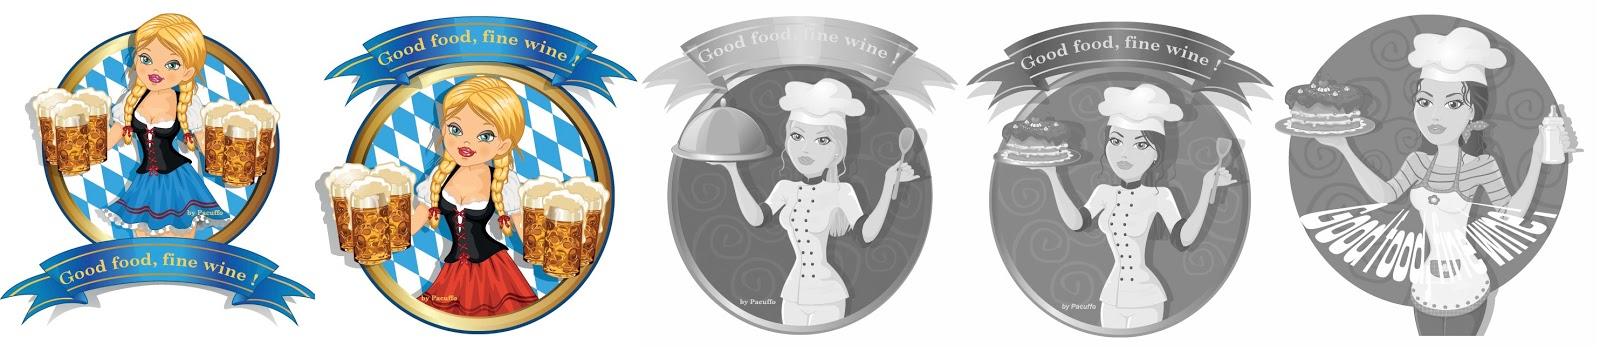 Good food fine wine 68 ristorante gemelli di massimo for Gemelli diversi ristorante milano